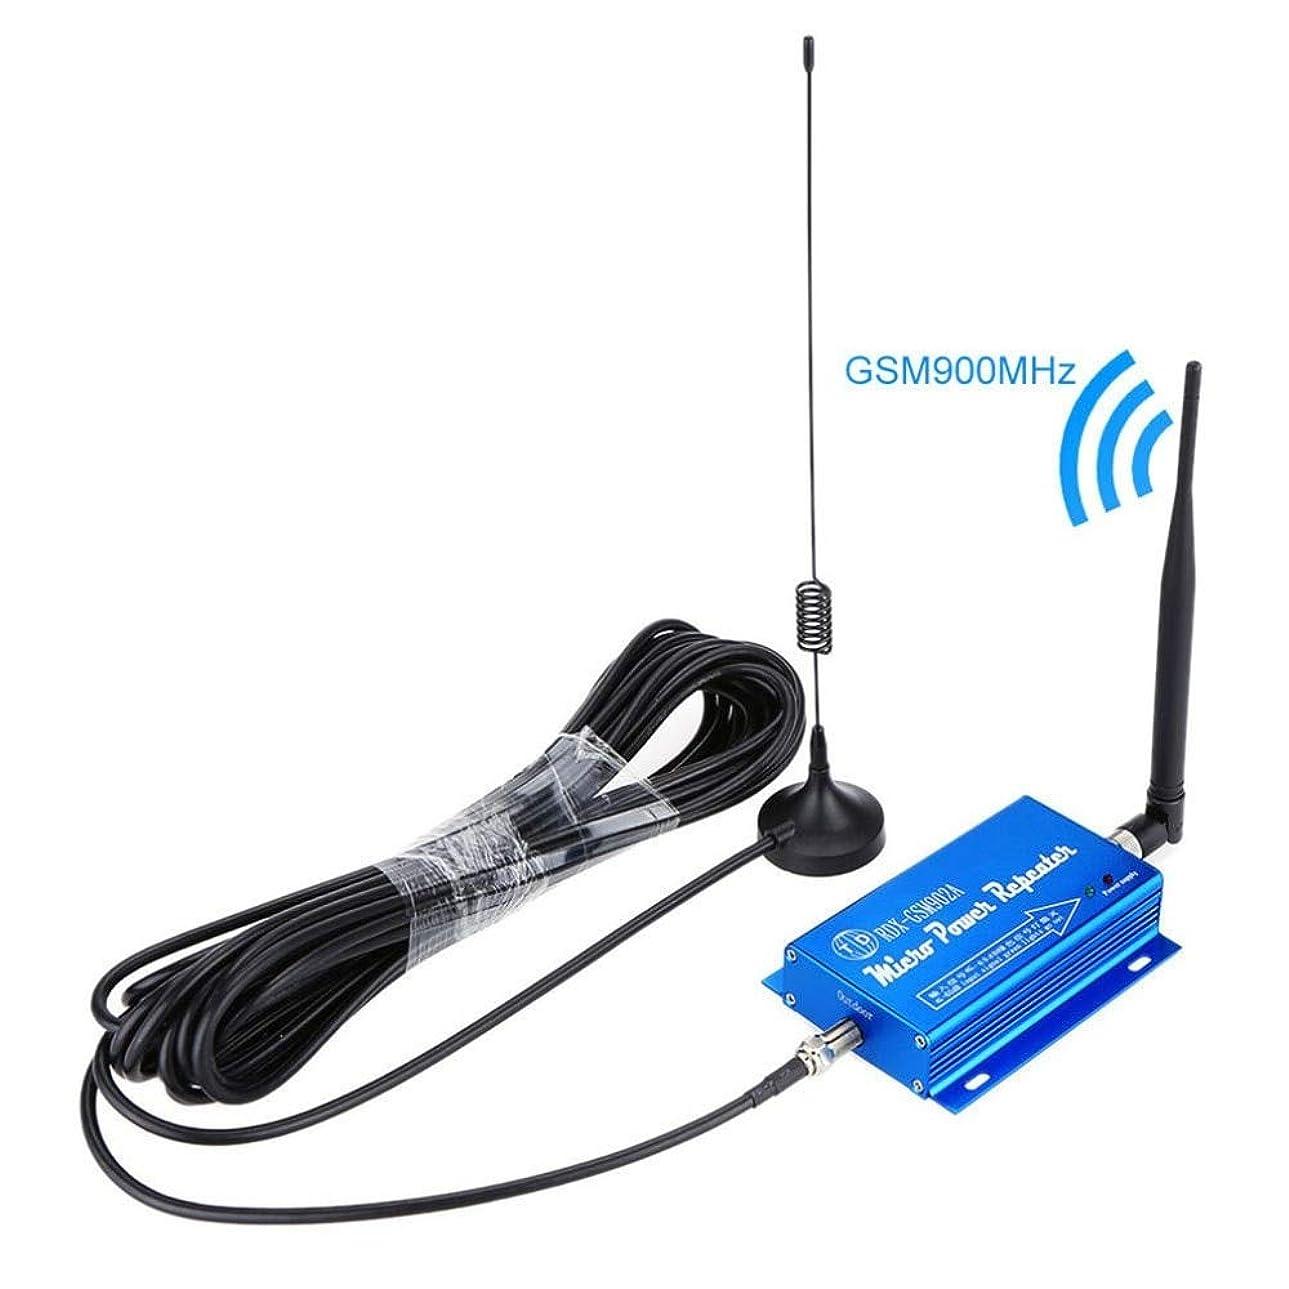 どんよりした混乱した敵意WifiリピータルーターRepetidor Wifiエクステンダ携帯電話信号ブースターアンプ2G 3G 4Gコール信号携帯電話アクセスポイント